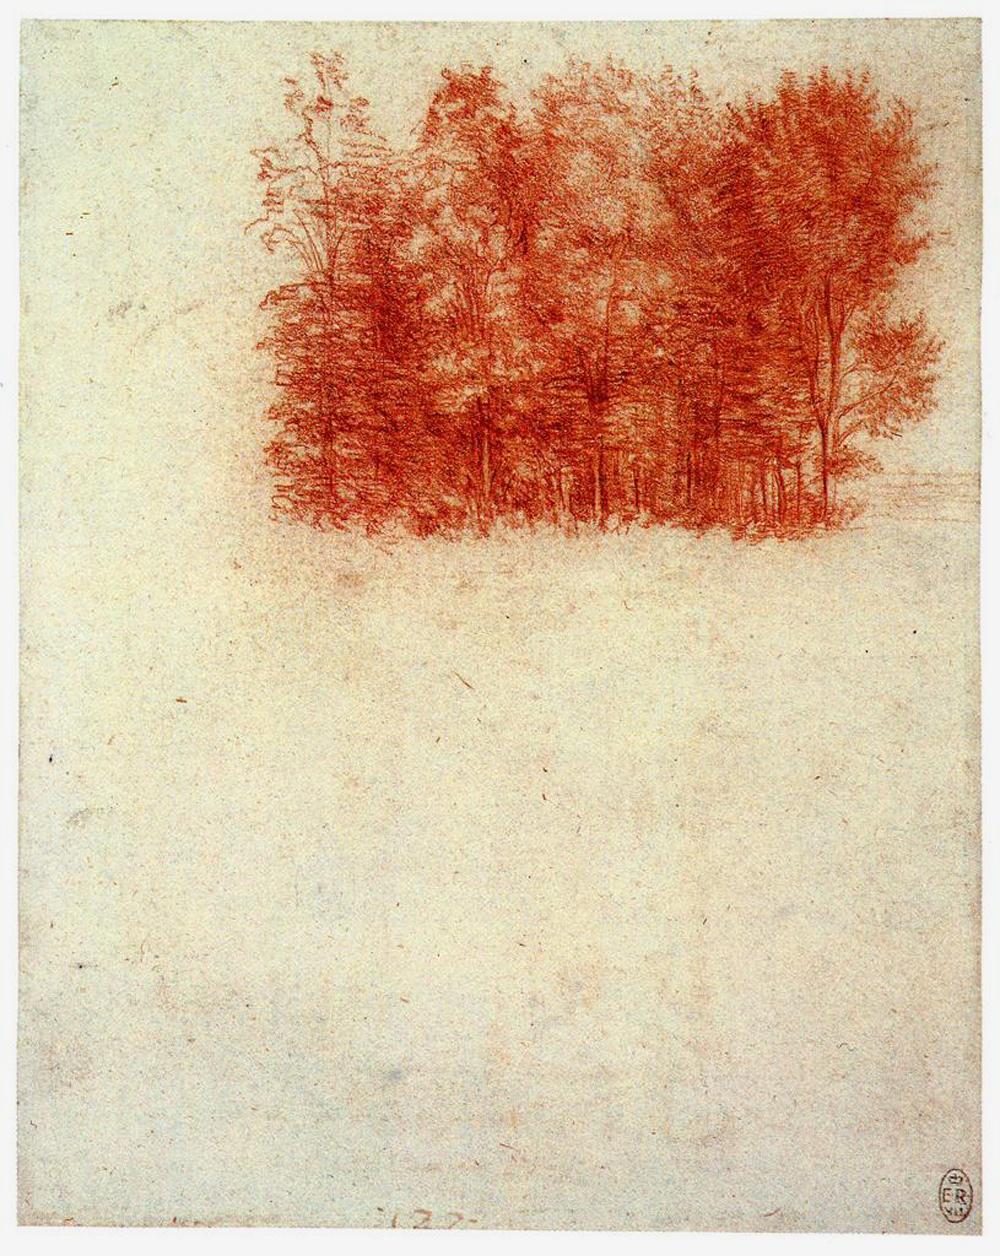 Leonardo da Vinci and art image